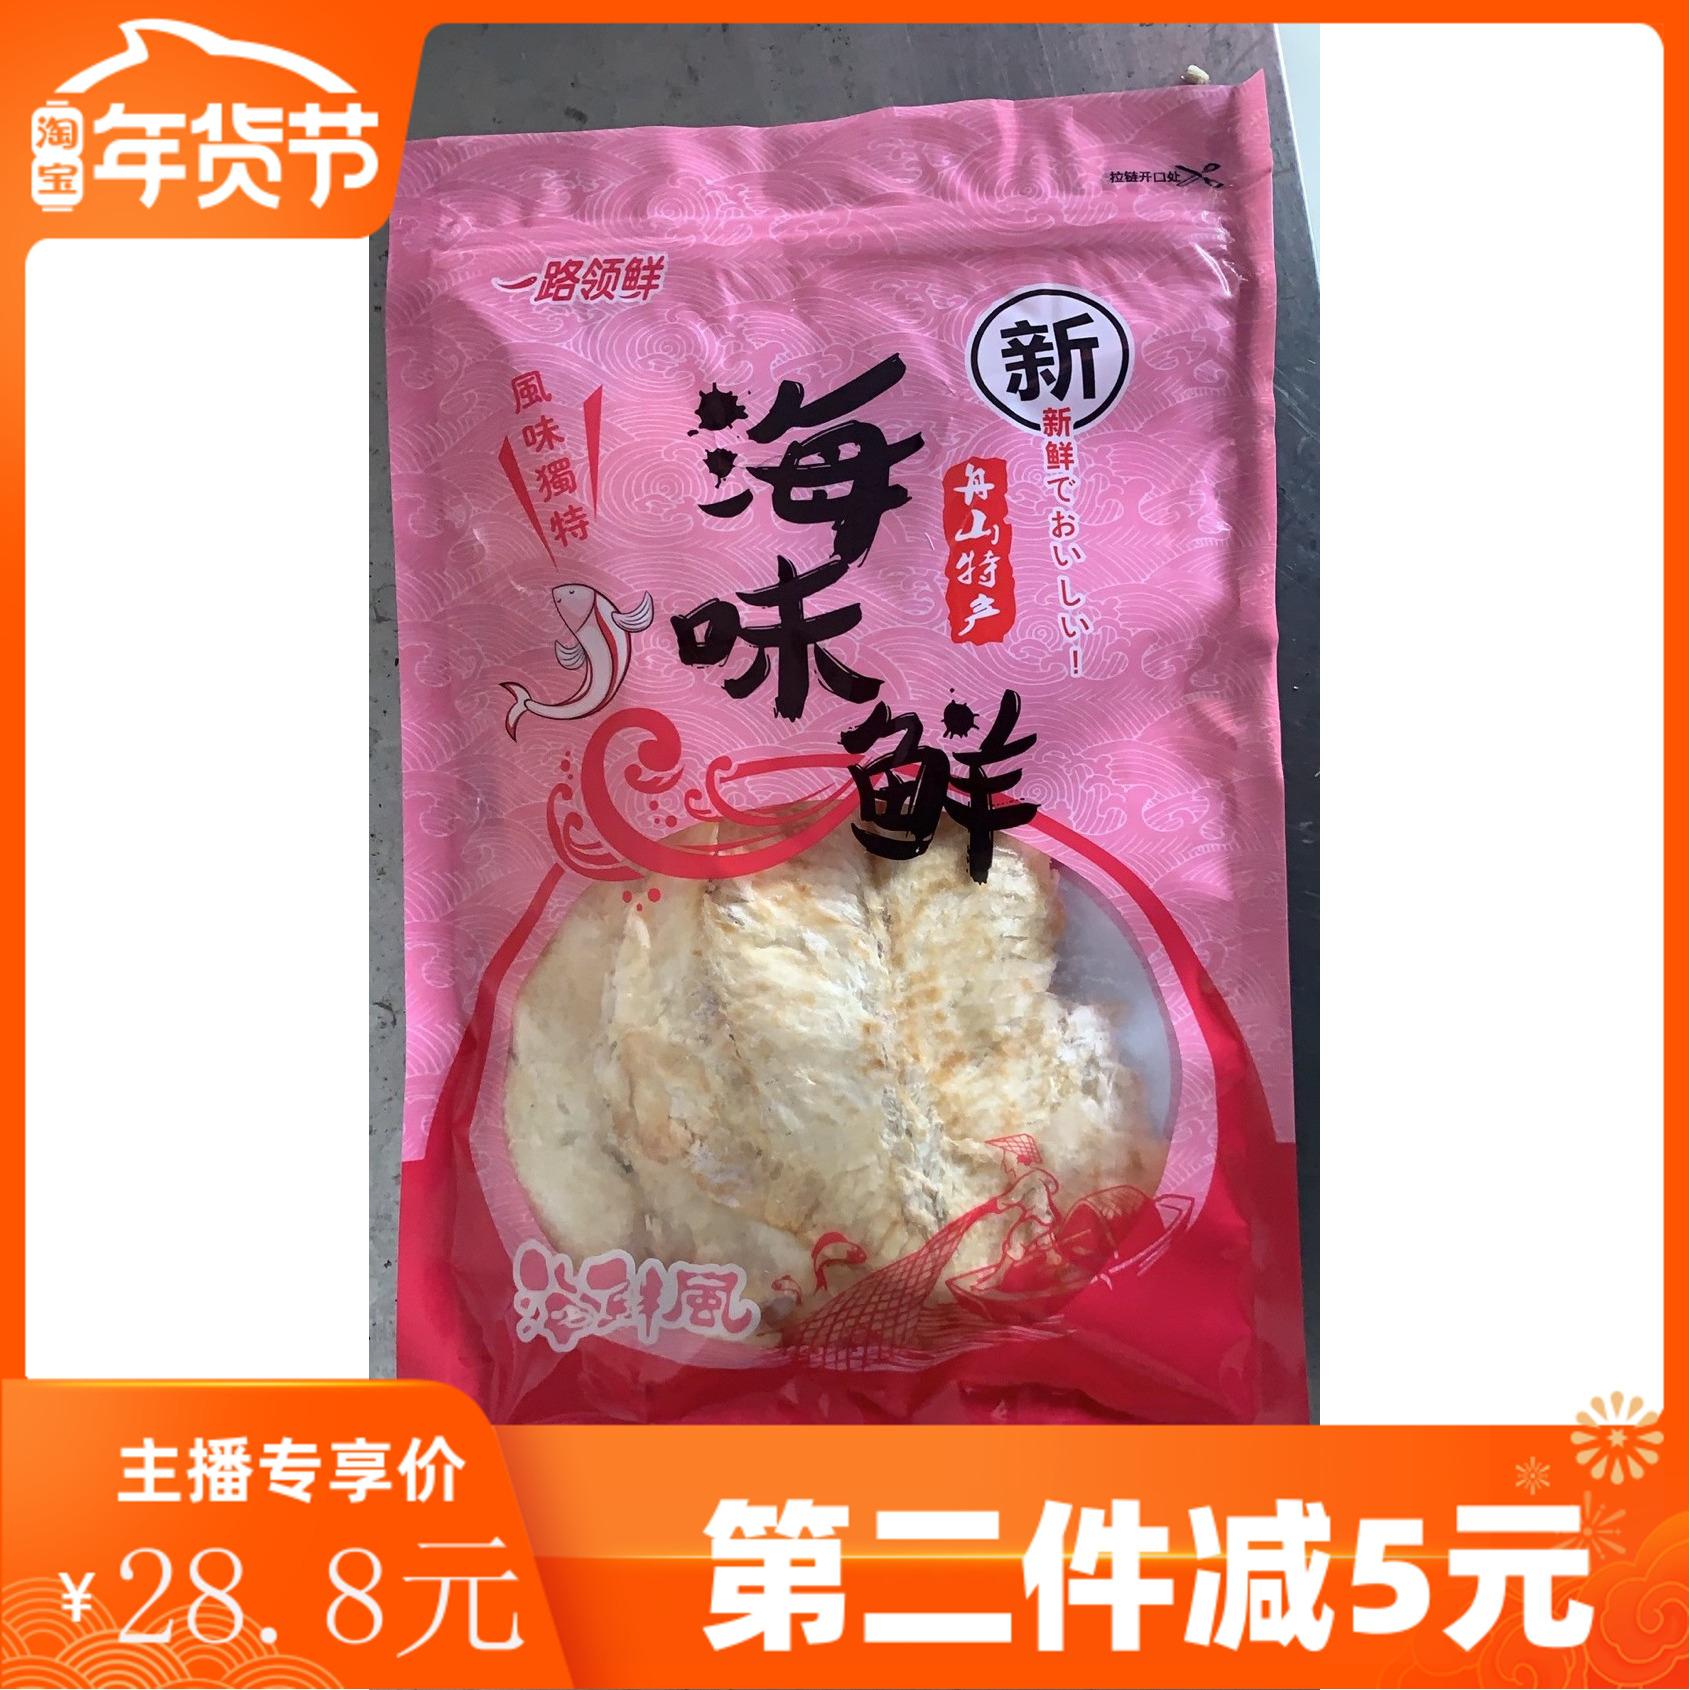 舟山鳕鱼片干烤鱼片250g包邮鱼干零食即食海鲜特产食品小吃